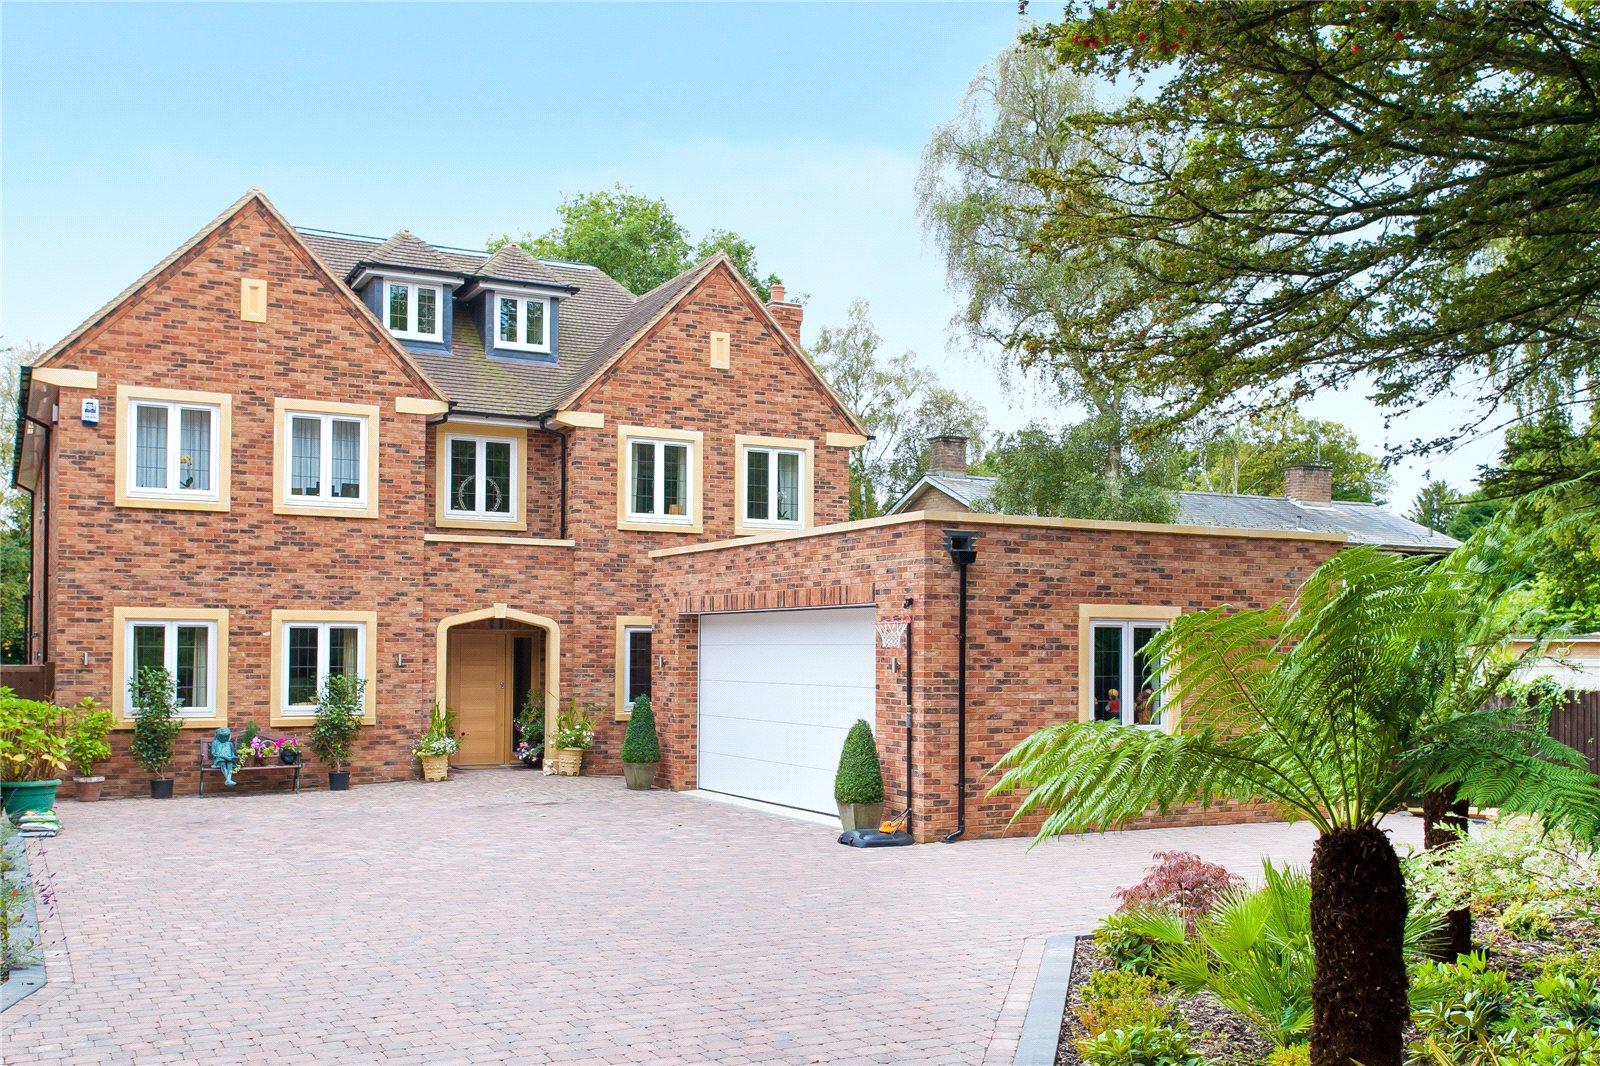 一戸建て のために 売買 アット Windsor Road, Gerrards Cross, Buckinghamshire, SL9 Gerrards Cross, イギリス